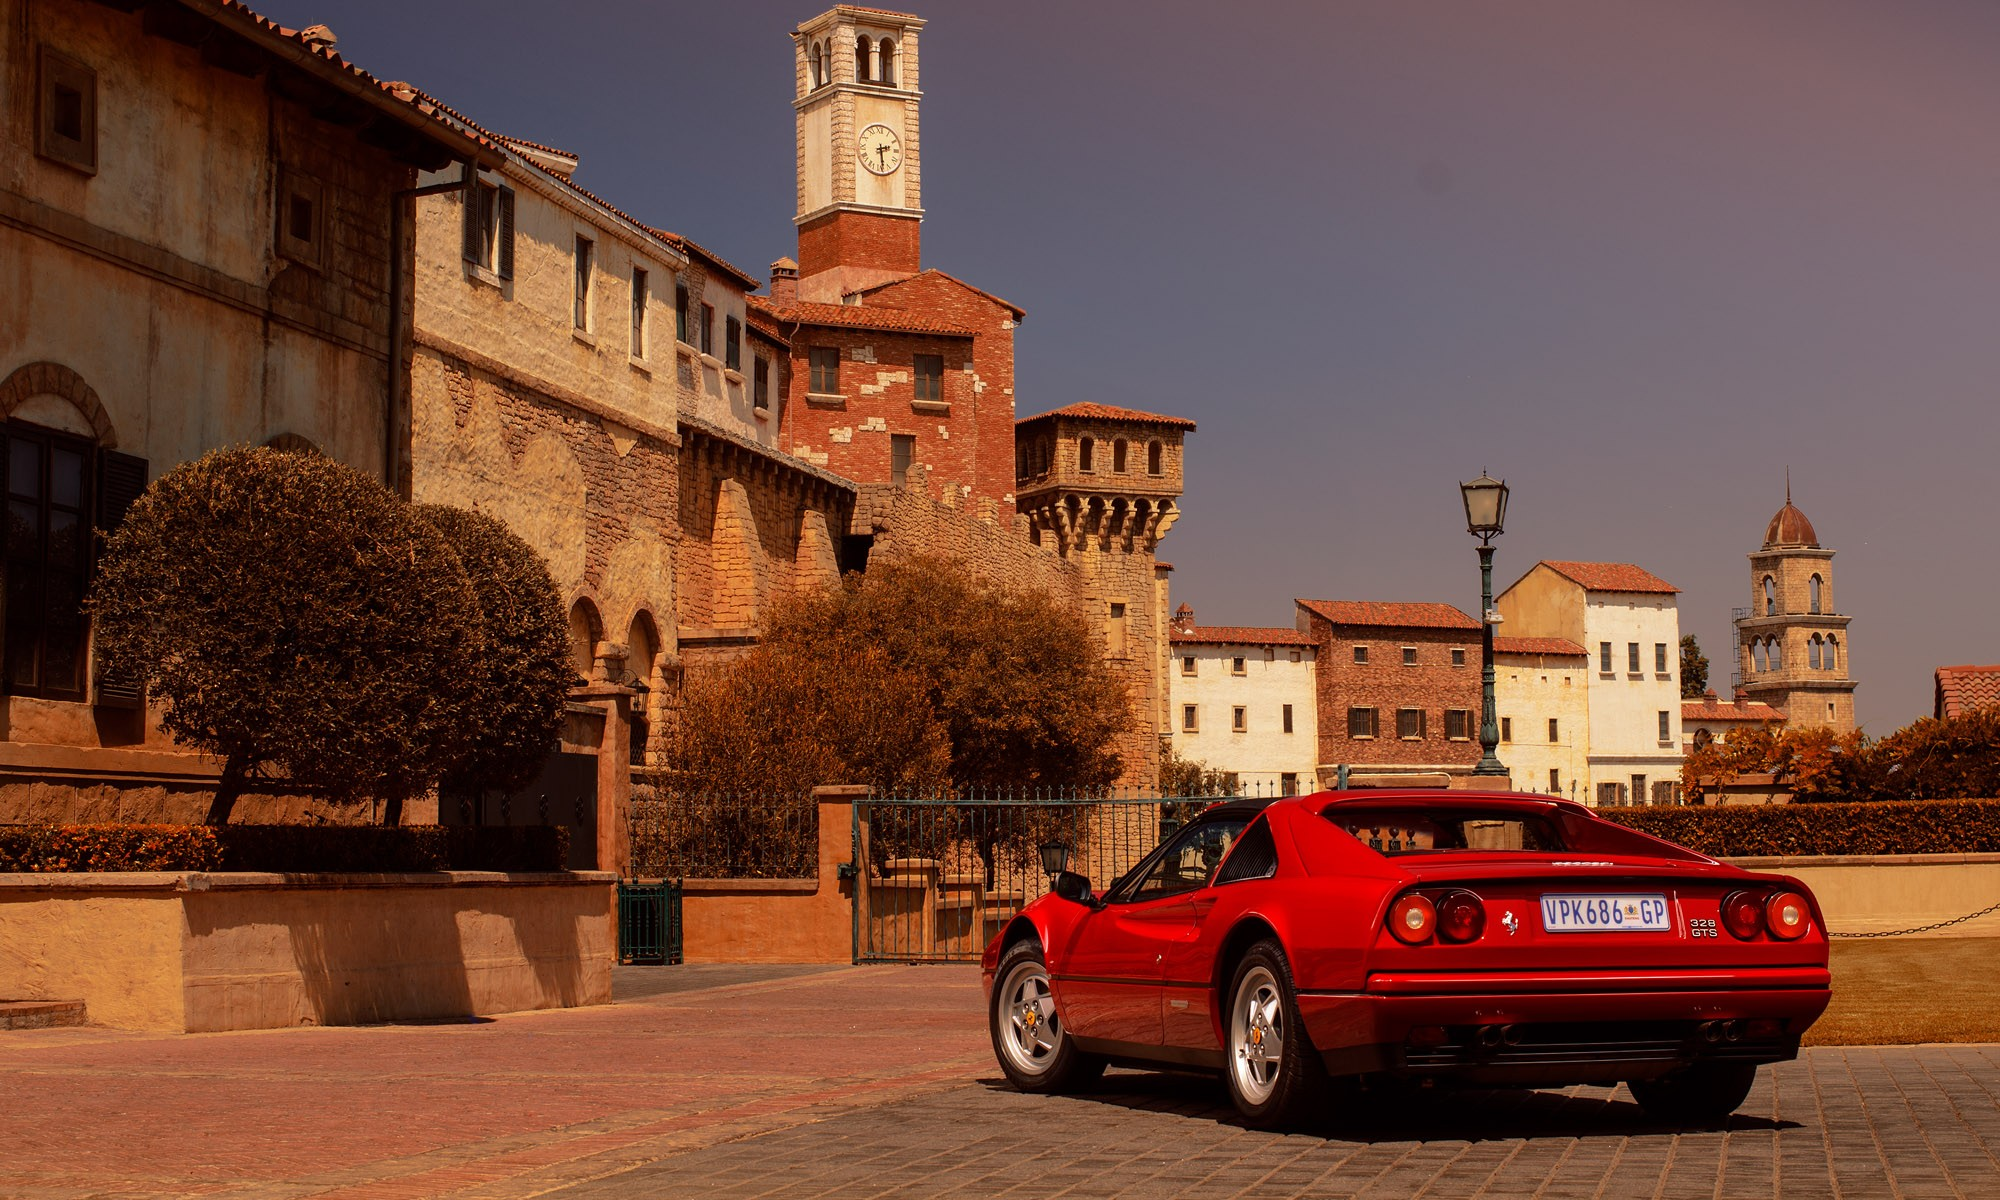 Ferrari 328 GTS rear